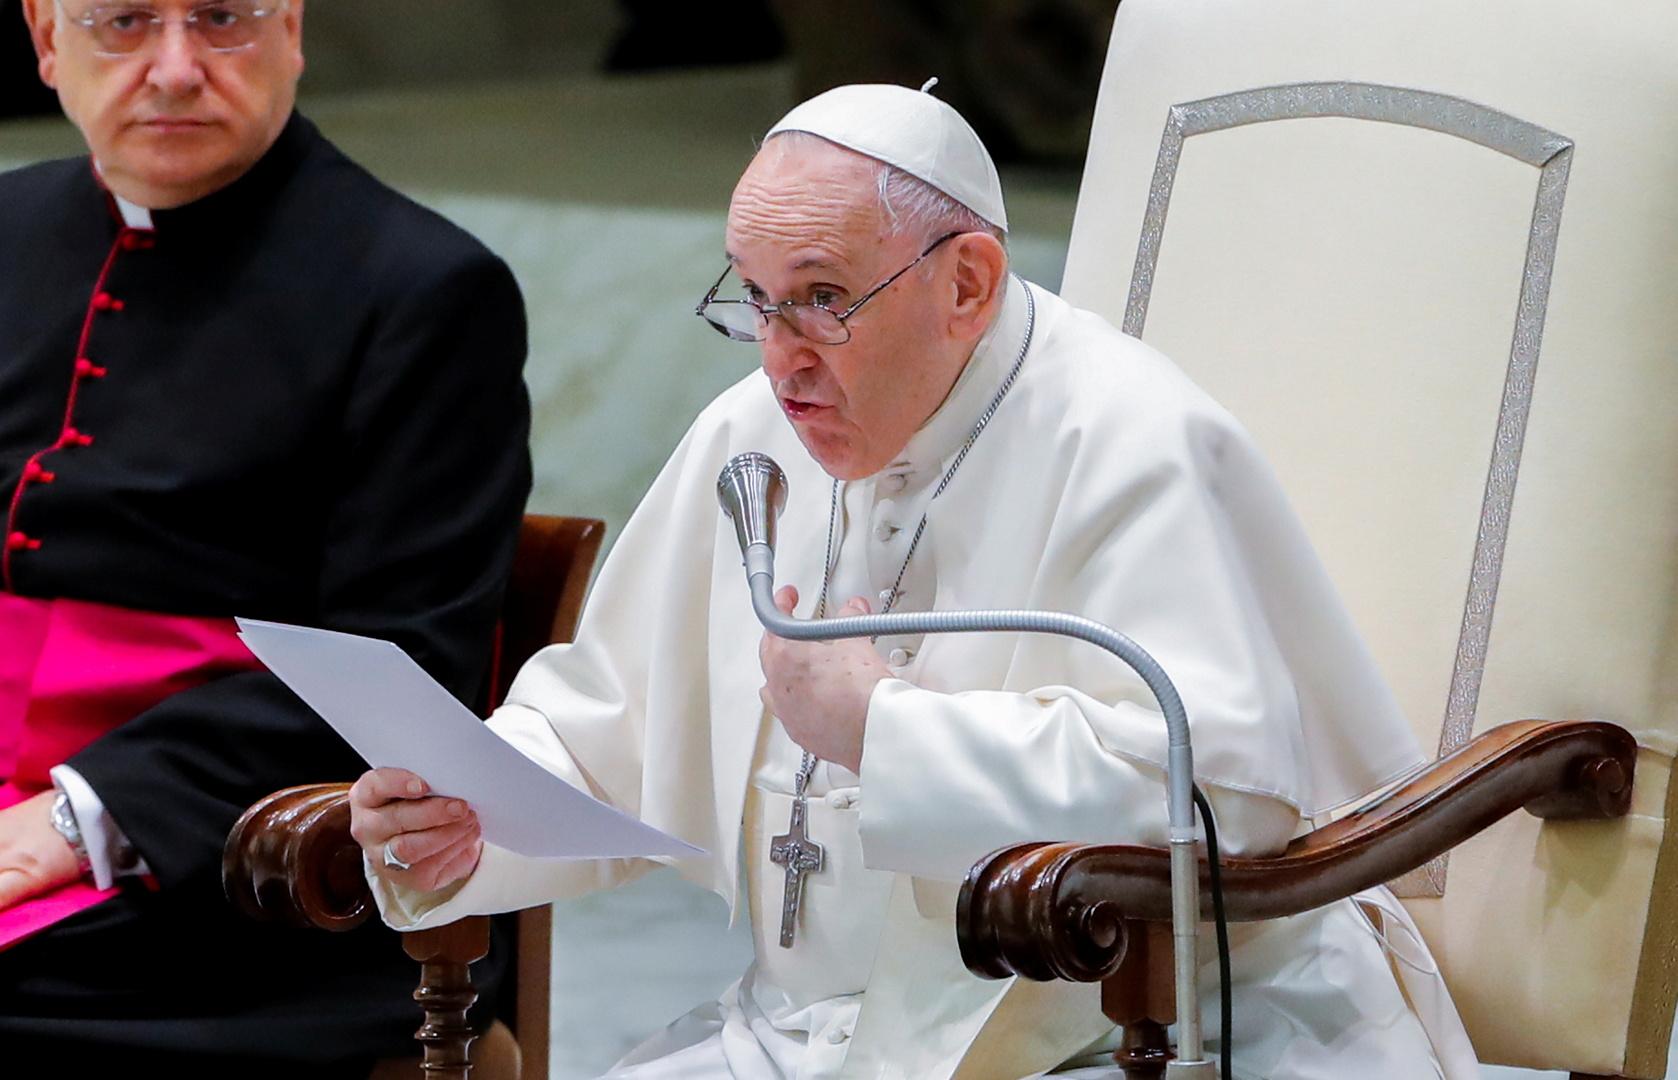 خطاب عام للبابا فرانسيس، الفاتيكان، 4 أغسطس 2021